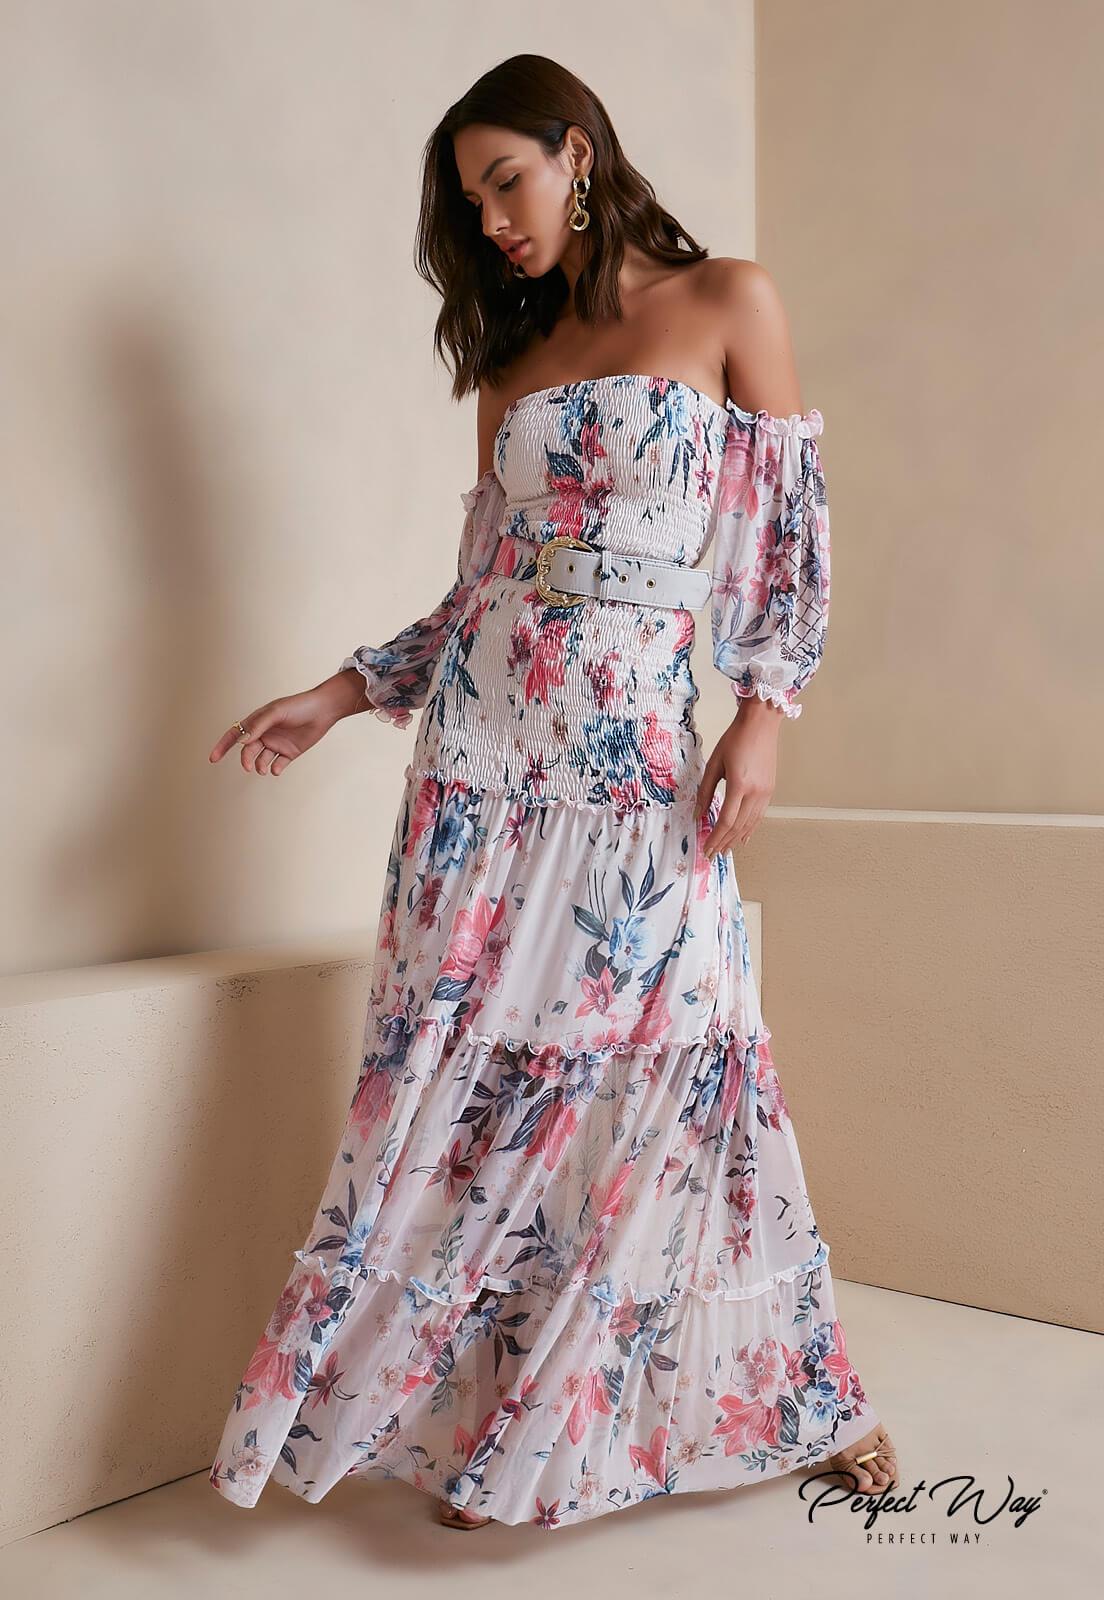 Perfect Way - vestido estampa exclusiva floral + cinto